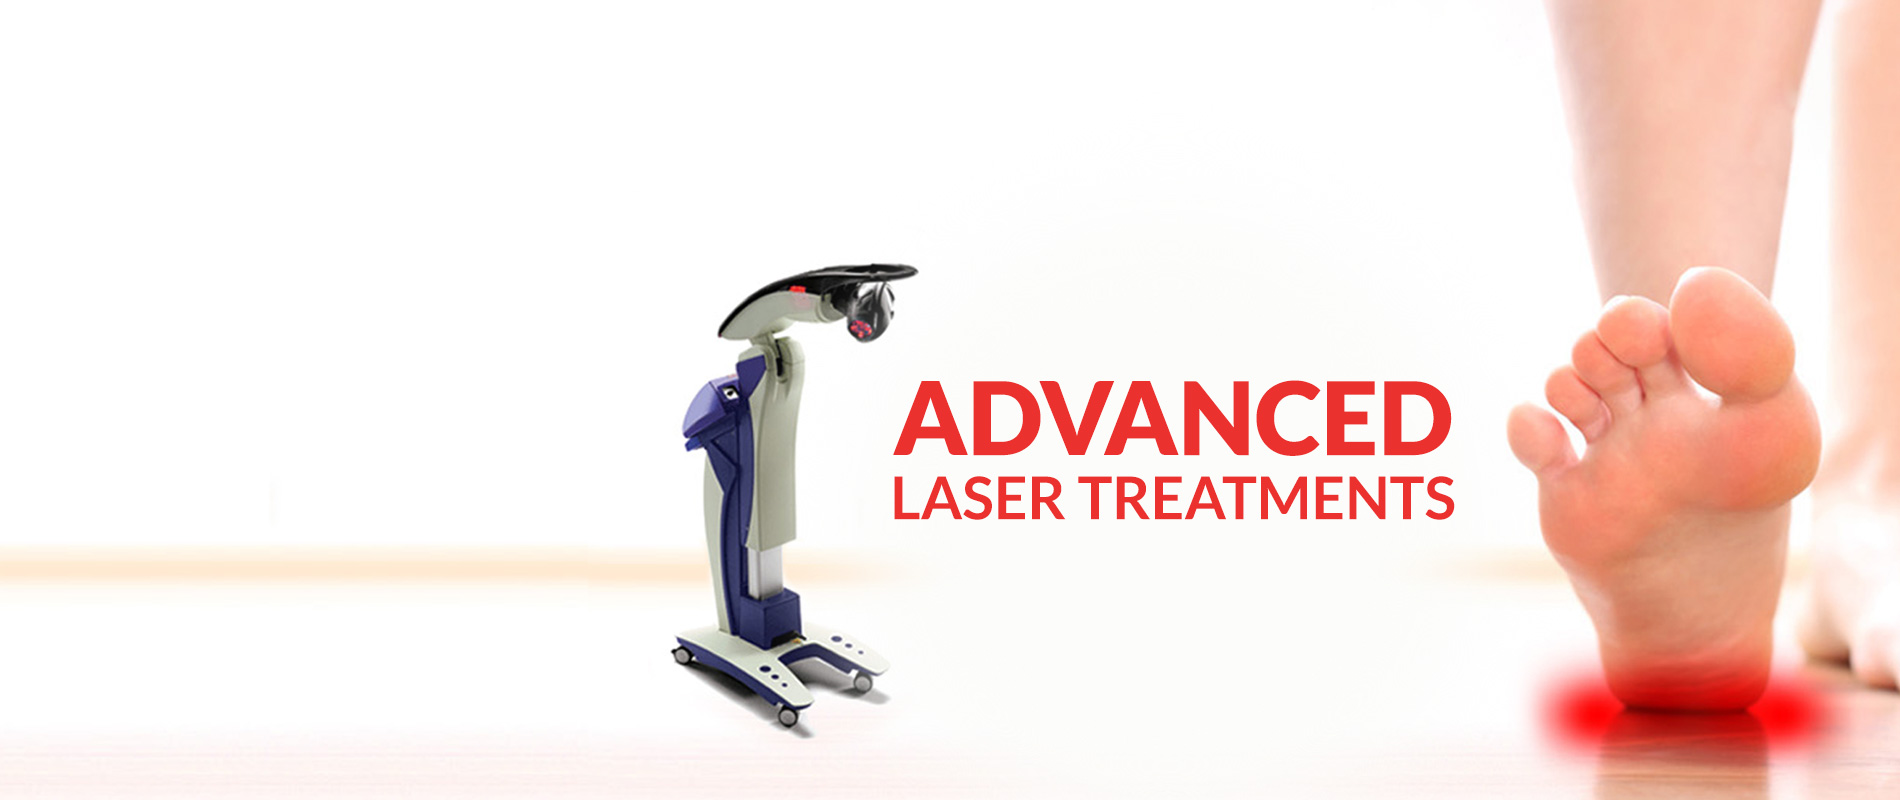 mls-laser-slide